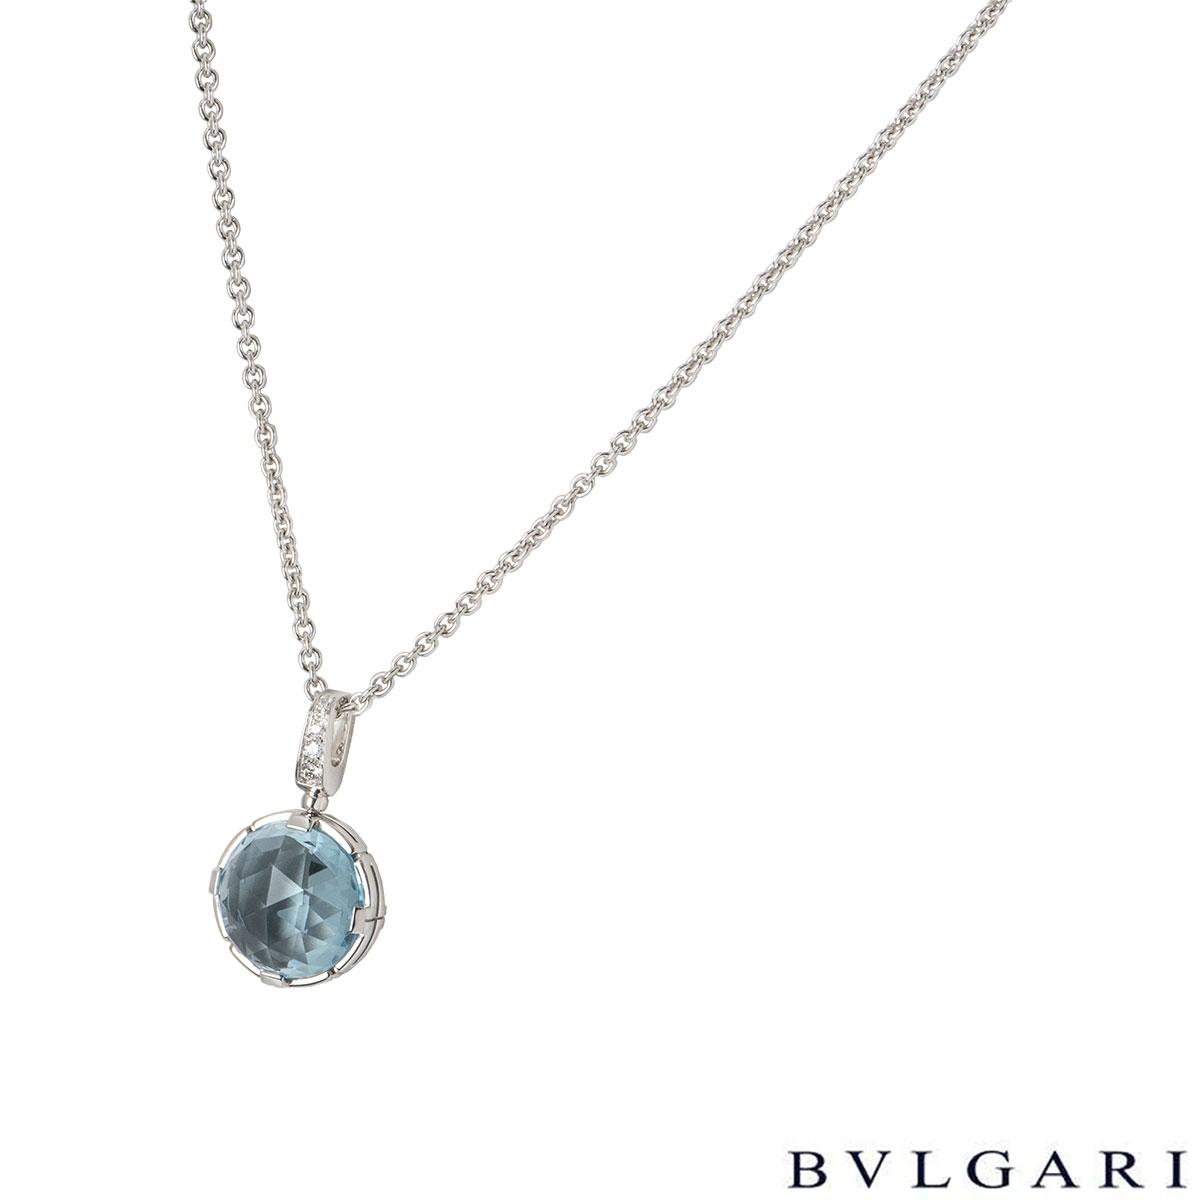 Bvlgari White Gold Aquamarine Parentesi Necklace